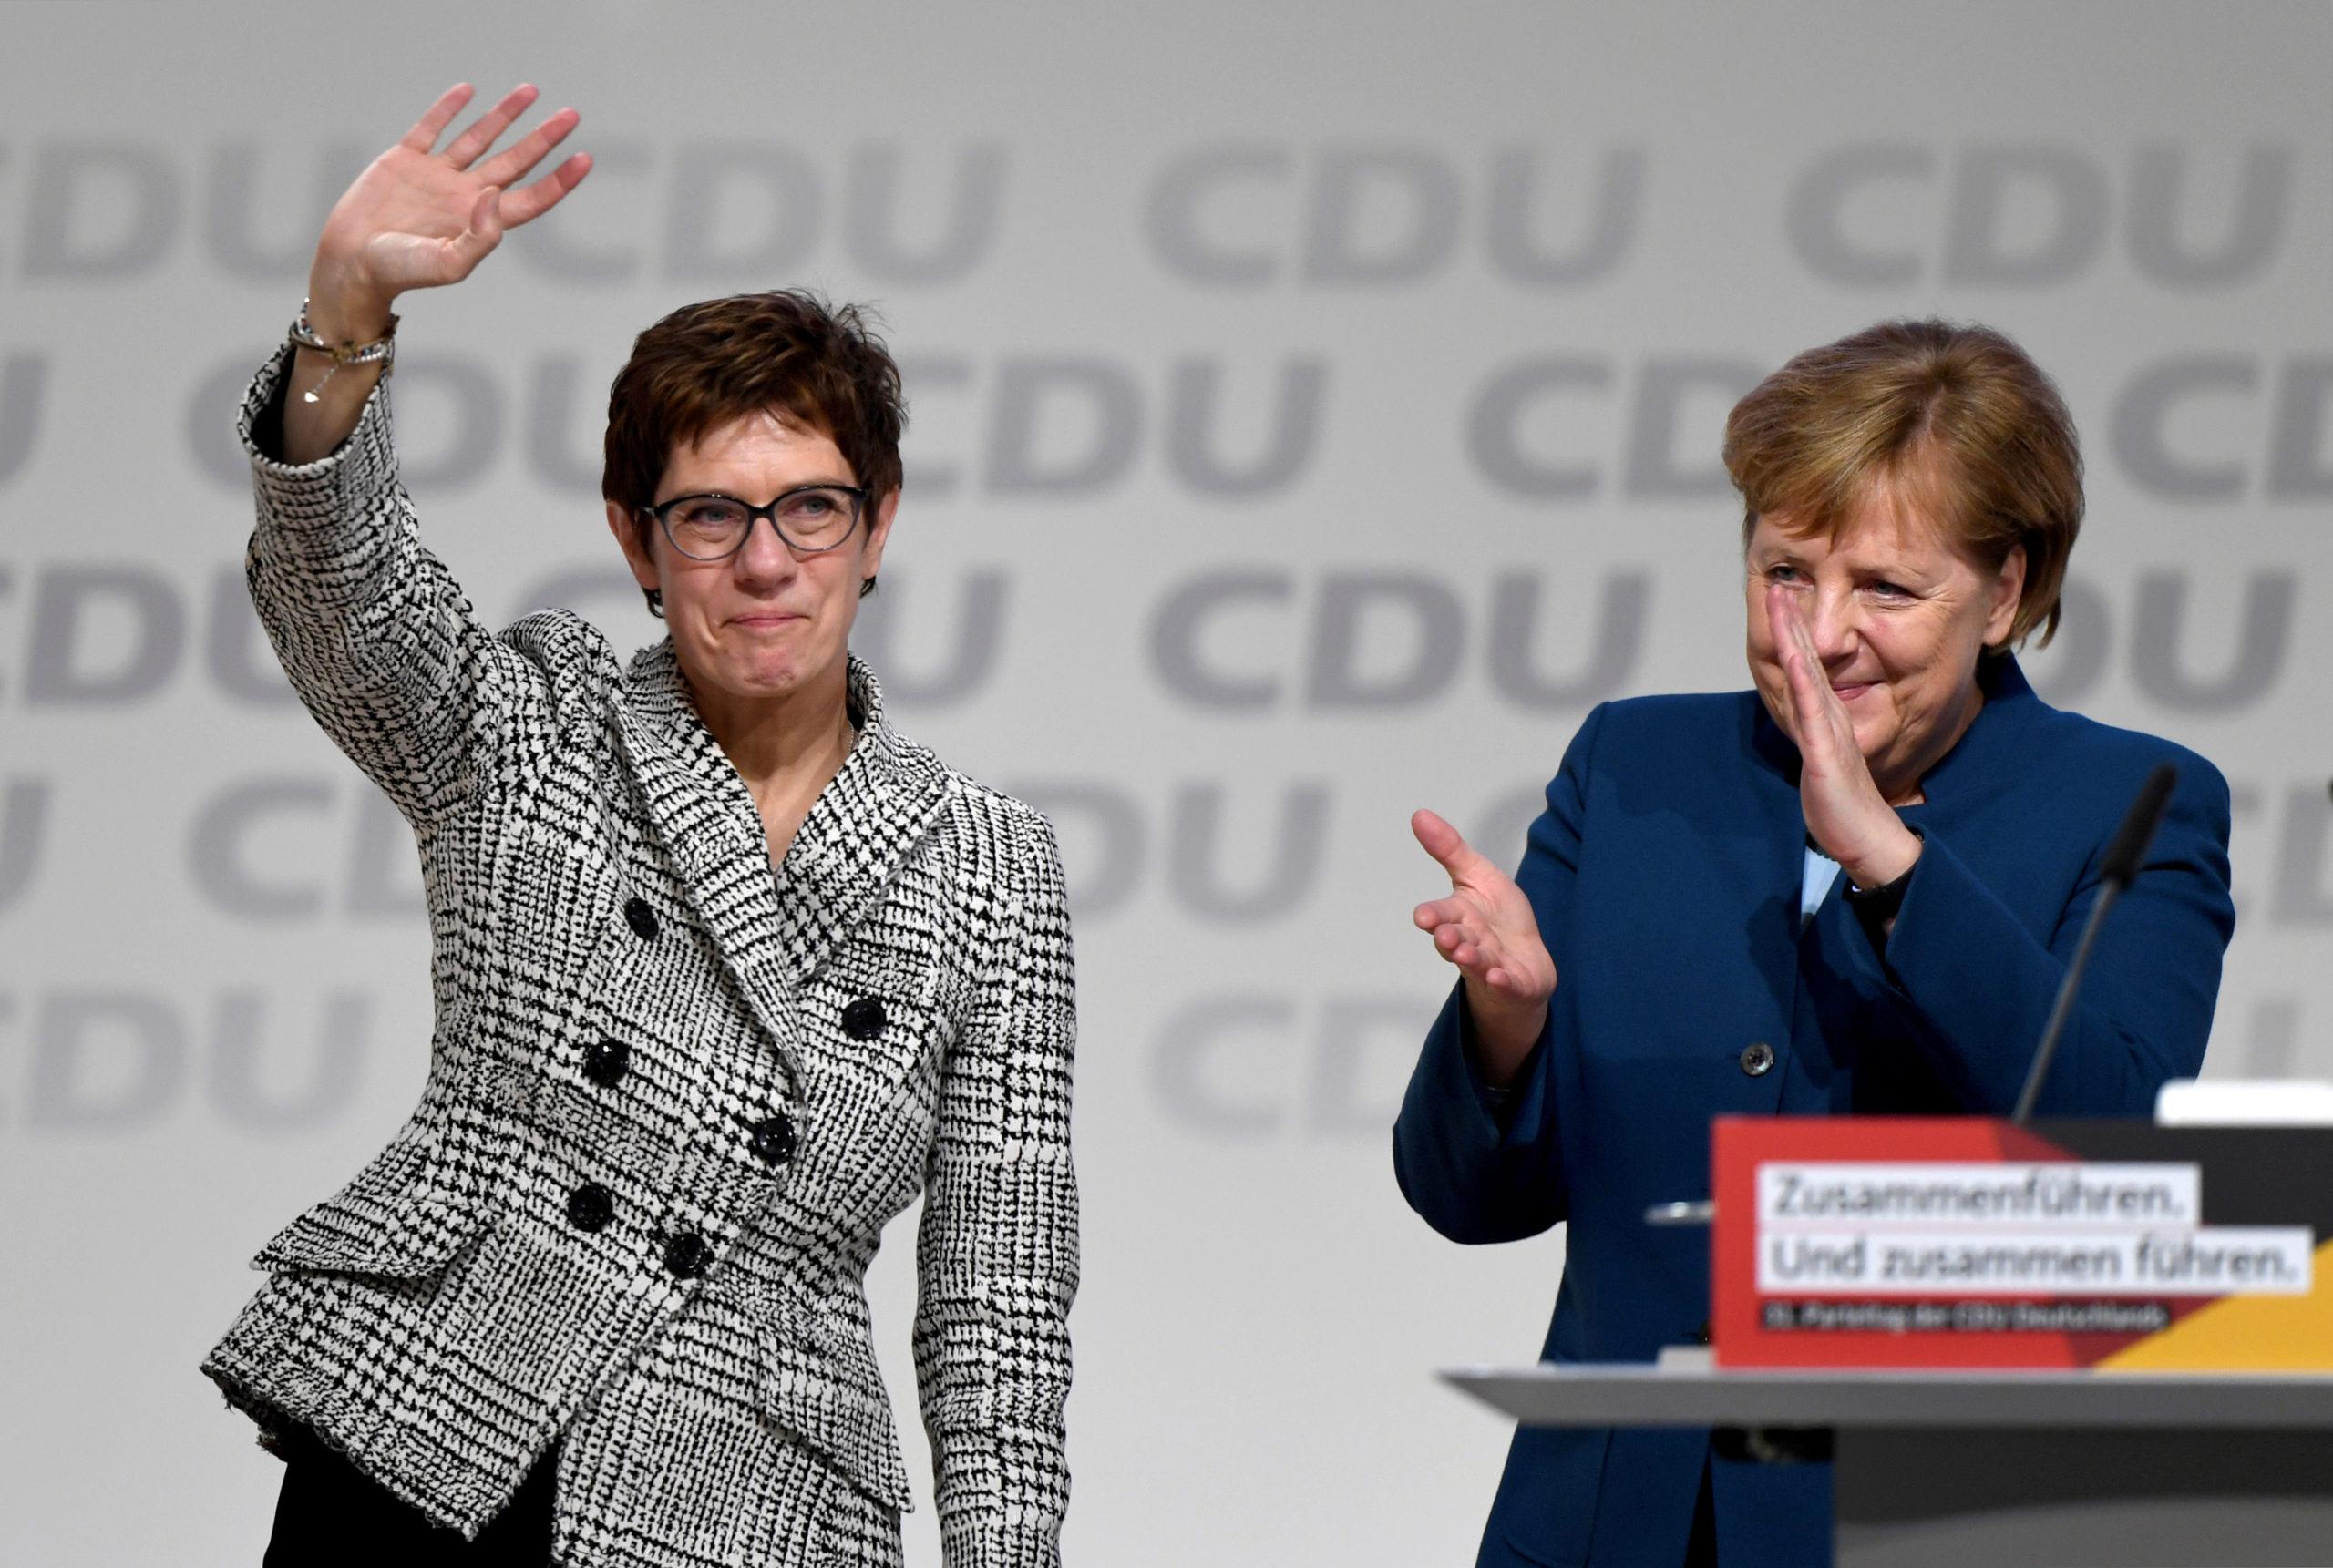 Κραμπ Κάρενμπάουερ: Δεν θα είναι υποψήφια καγκελάριος, παραιτείται από το CDU